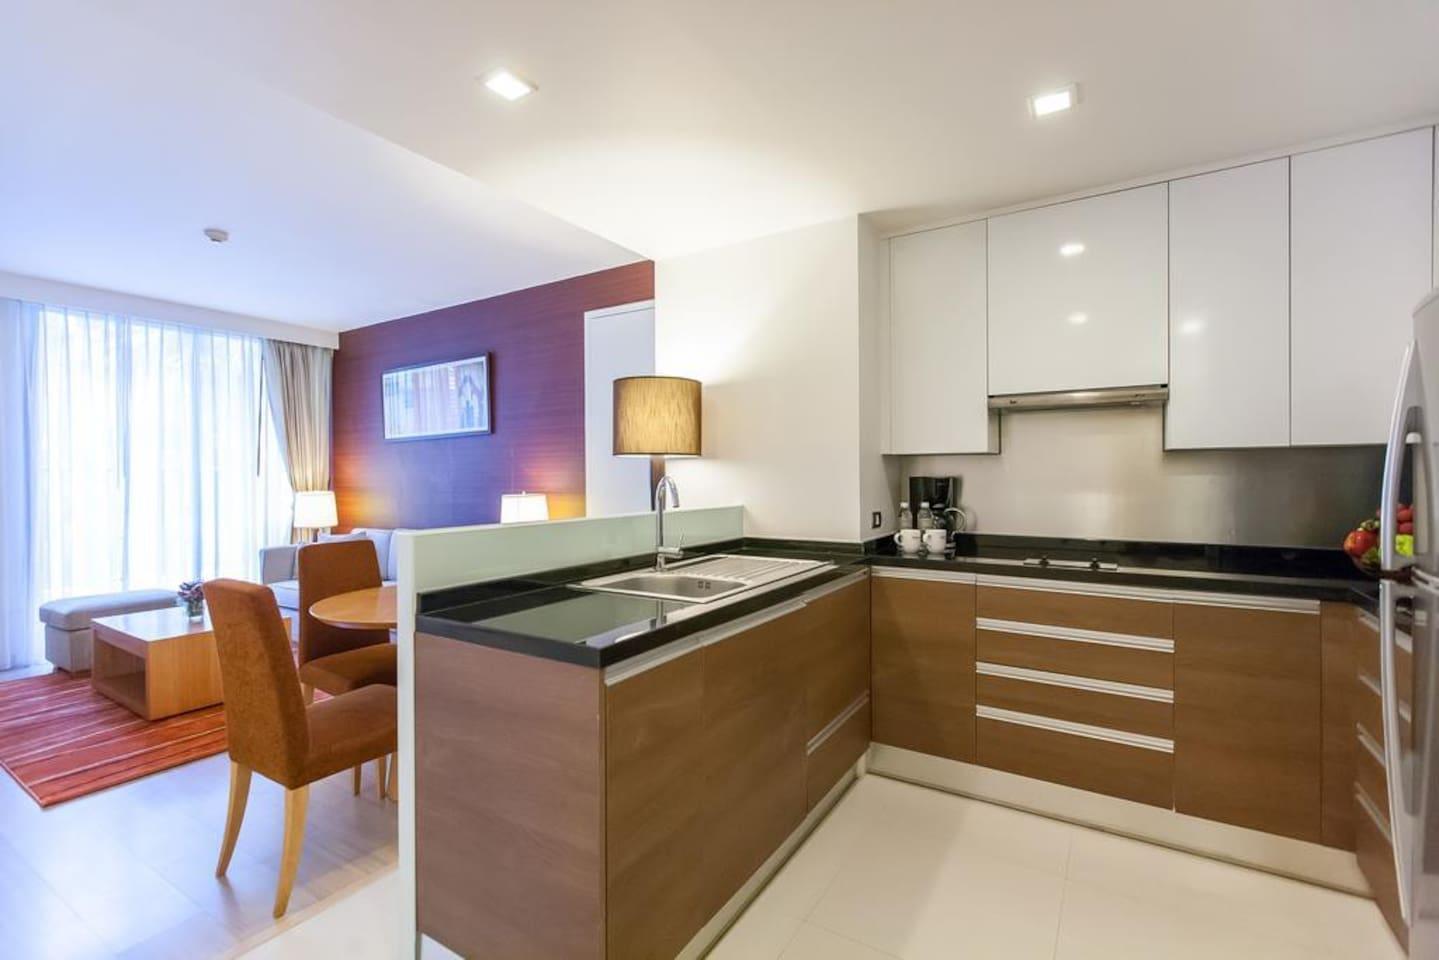 Stylish 1 Bedroom Apartment @Phrom Phong BTS อพาร์ตเมนต์ 1 ห้องนอน 1 ห้องน้ำส่วนตัว ขนาด 52 ตร.ม. – สุขุมวิท